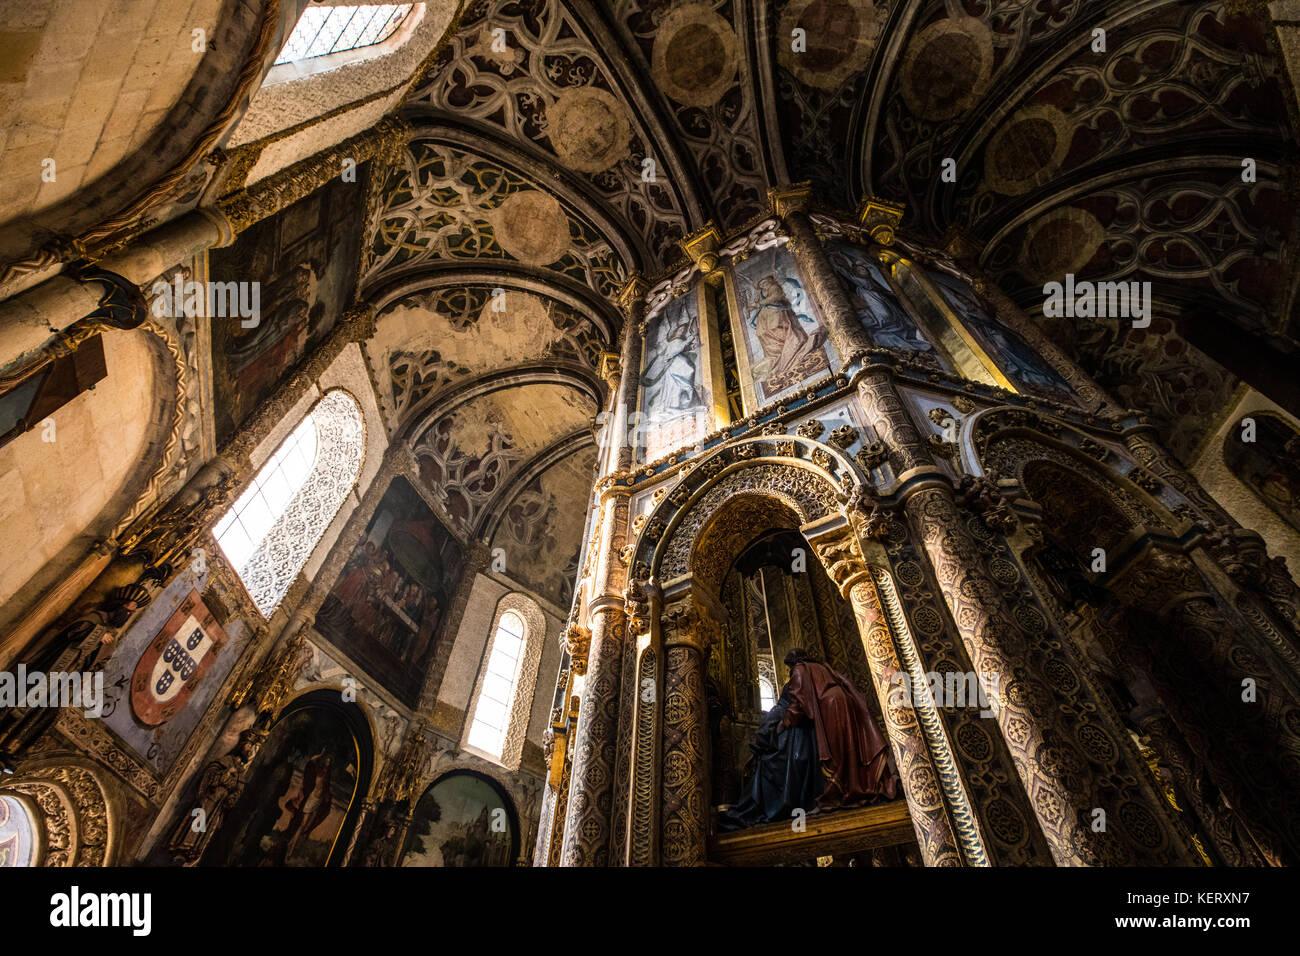 Convent of Christ or Convento de Cristo, Tomar, Ribatejo Province, Portugal Stock Photo